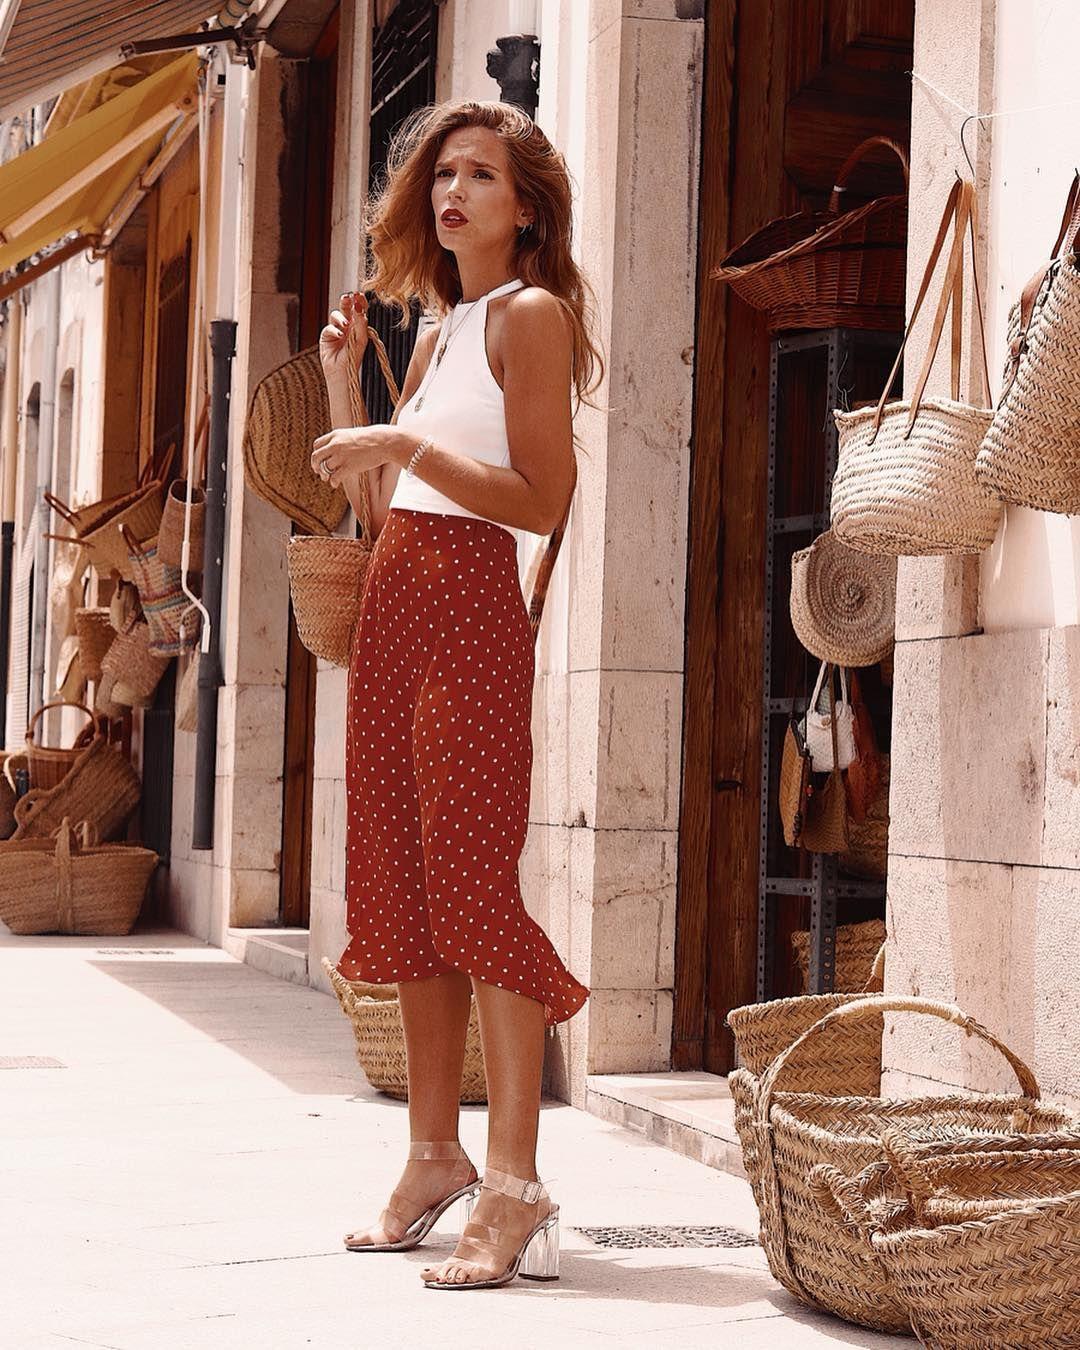 Gata Julio 2018 Alicante Cabàs Rustic Style Fashion